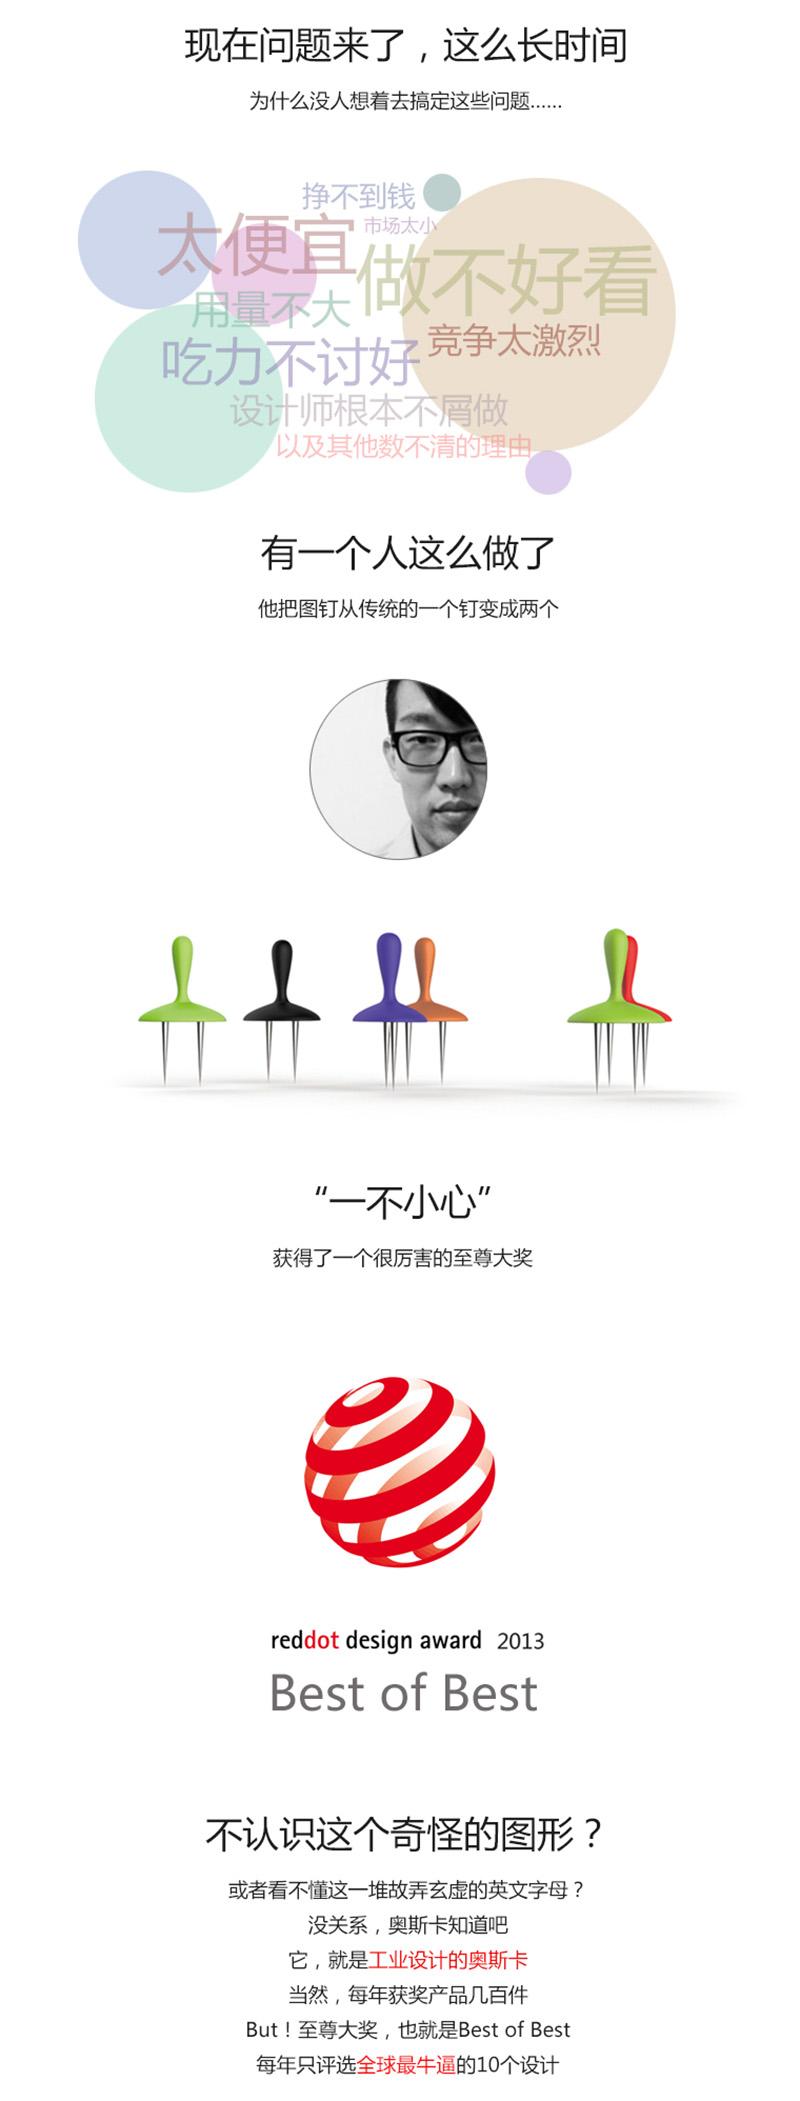 德国红点设计大奖双头创意图钉文具用品4